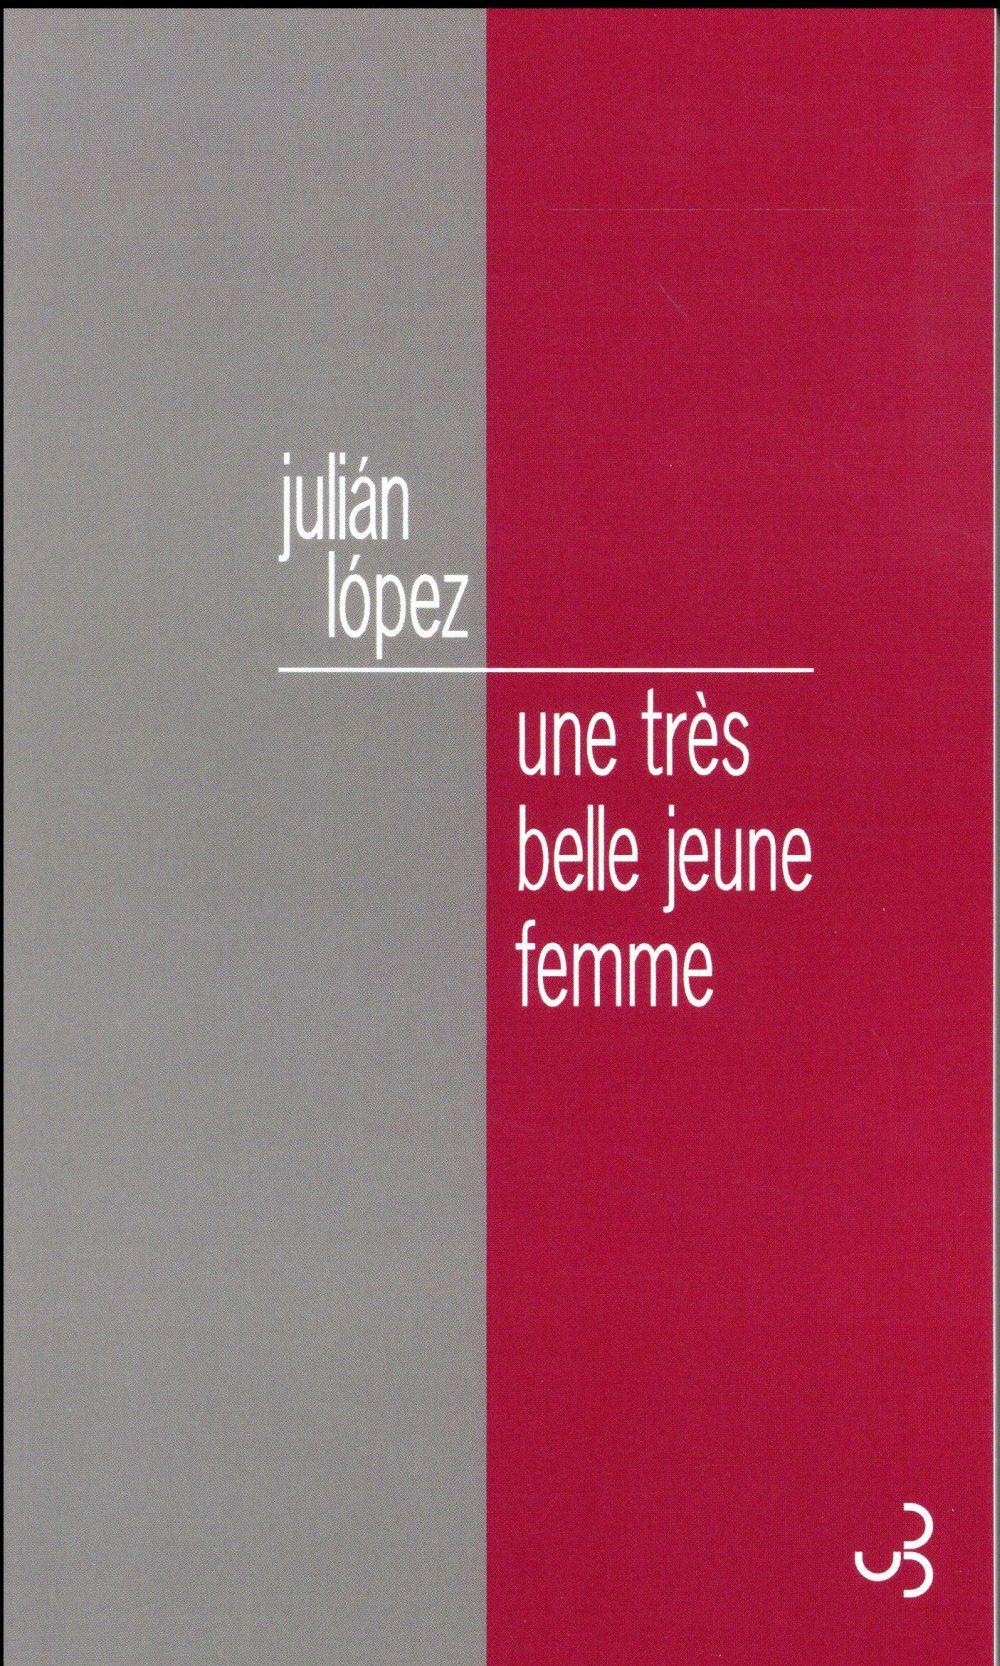 UNE TRES BELLE JEUNE FEMME